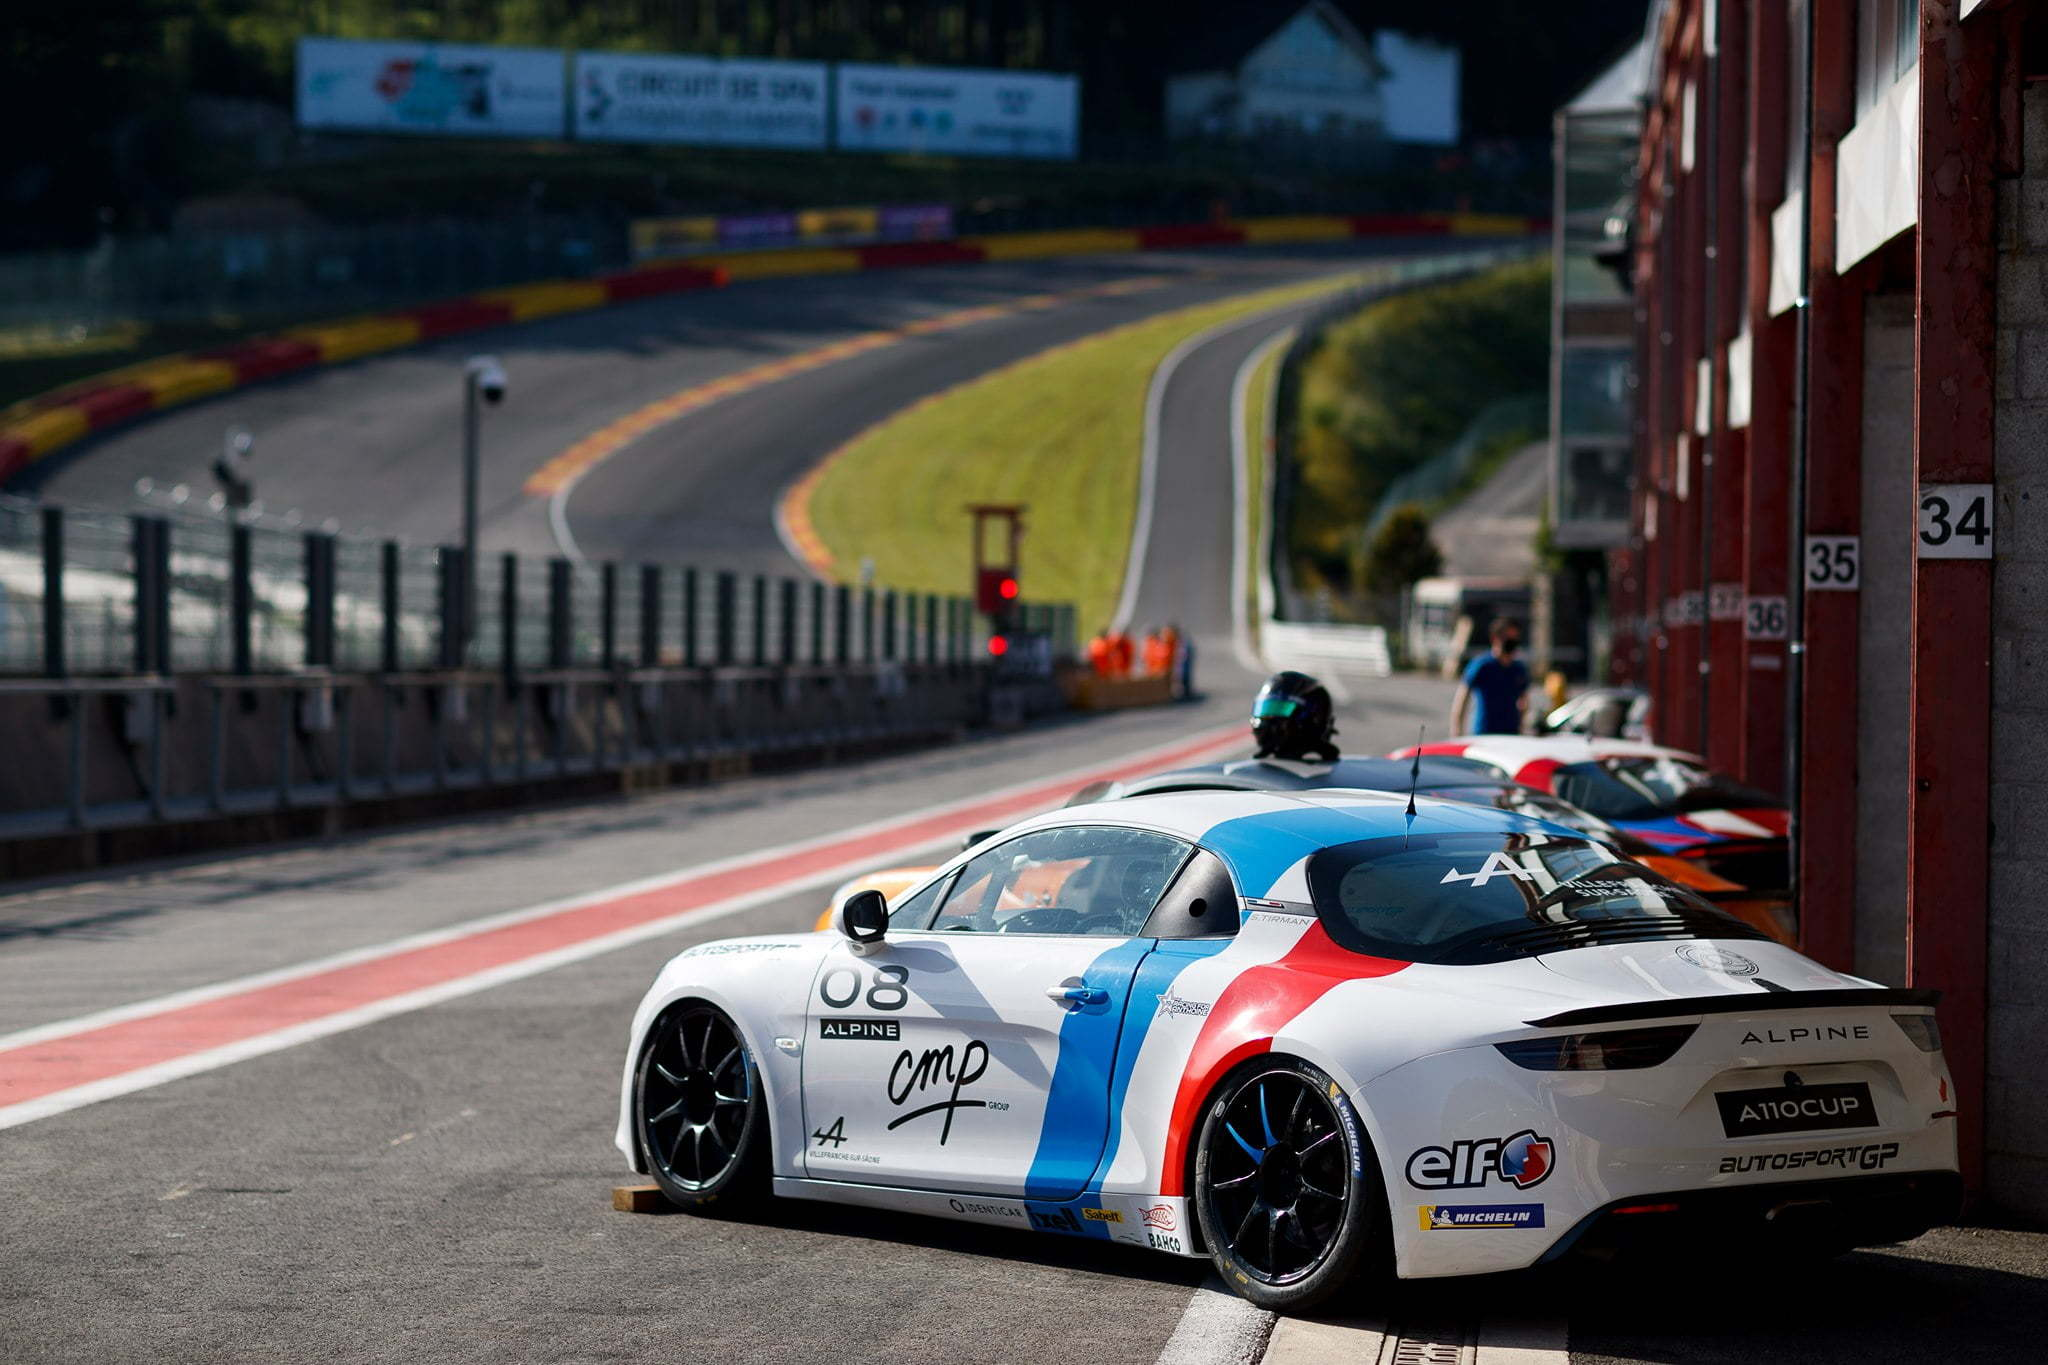 Alpine Elf Europa Cup Spa Francorchamps 2021 10 | Alpine Elf Europa Cup 2021 : Laurent Hurgon et Dani clos victorieux à Spa-Francorchamps